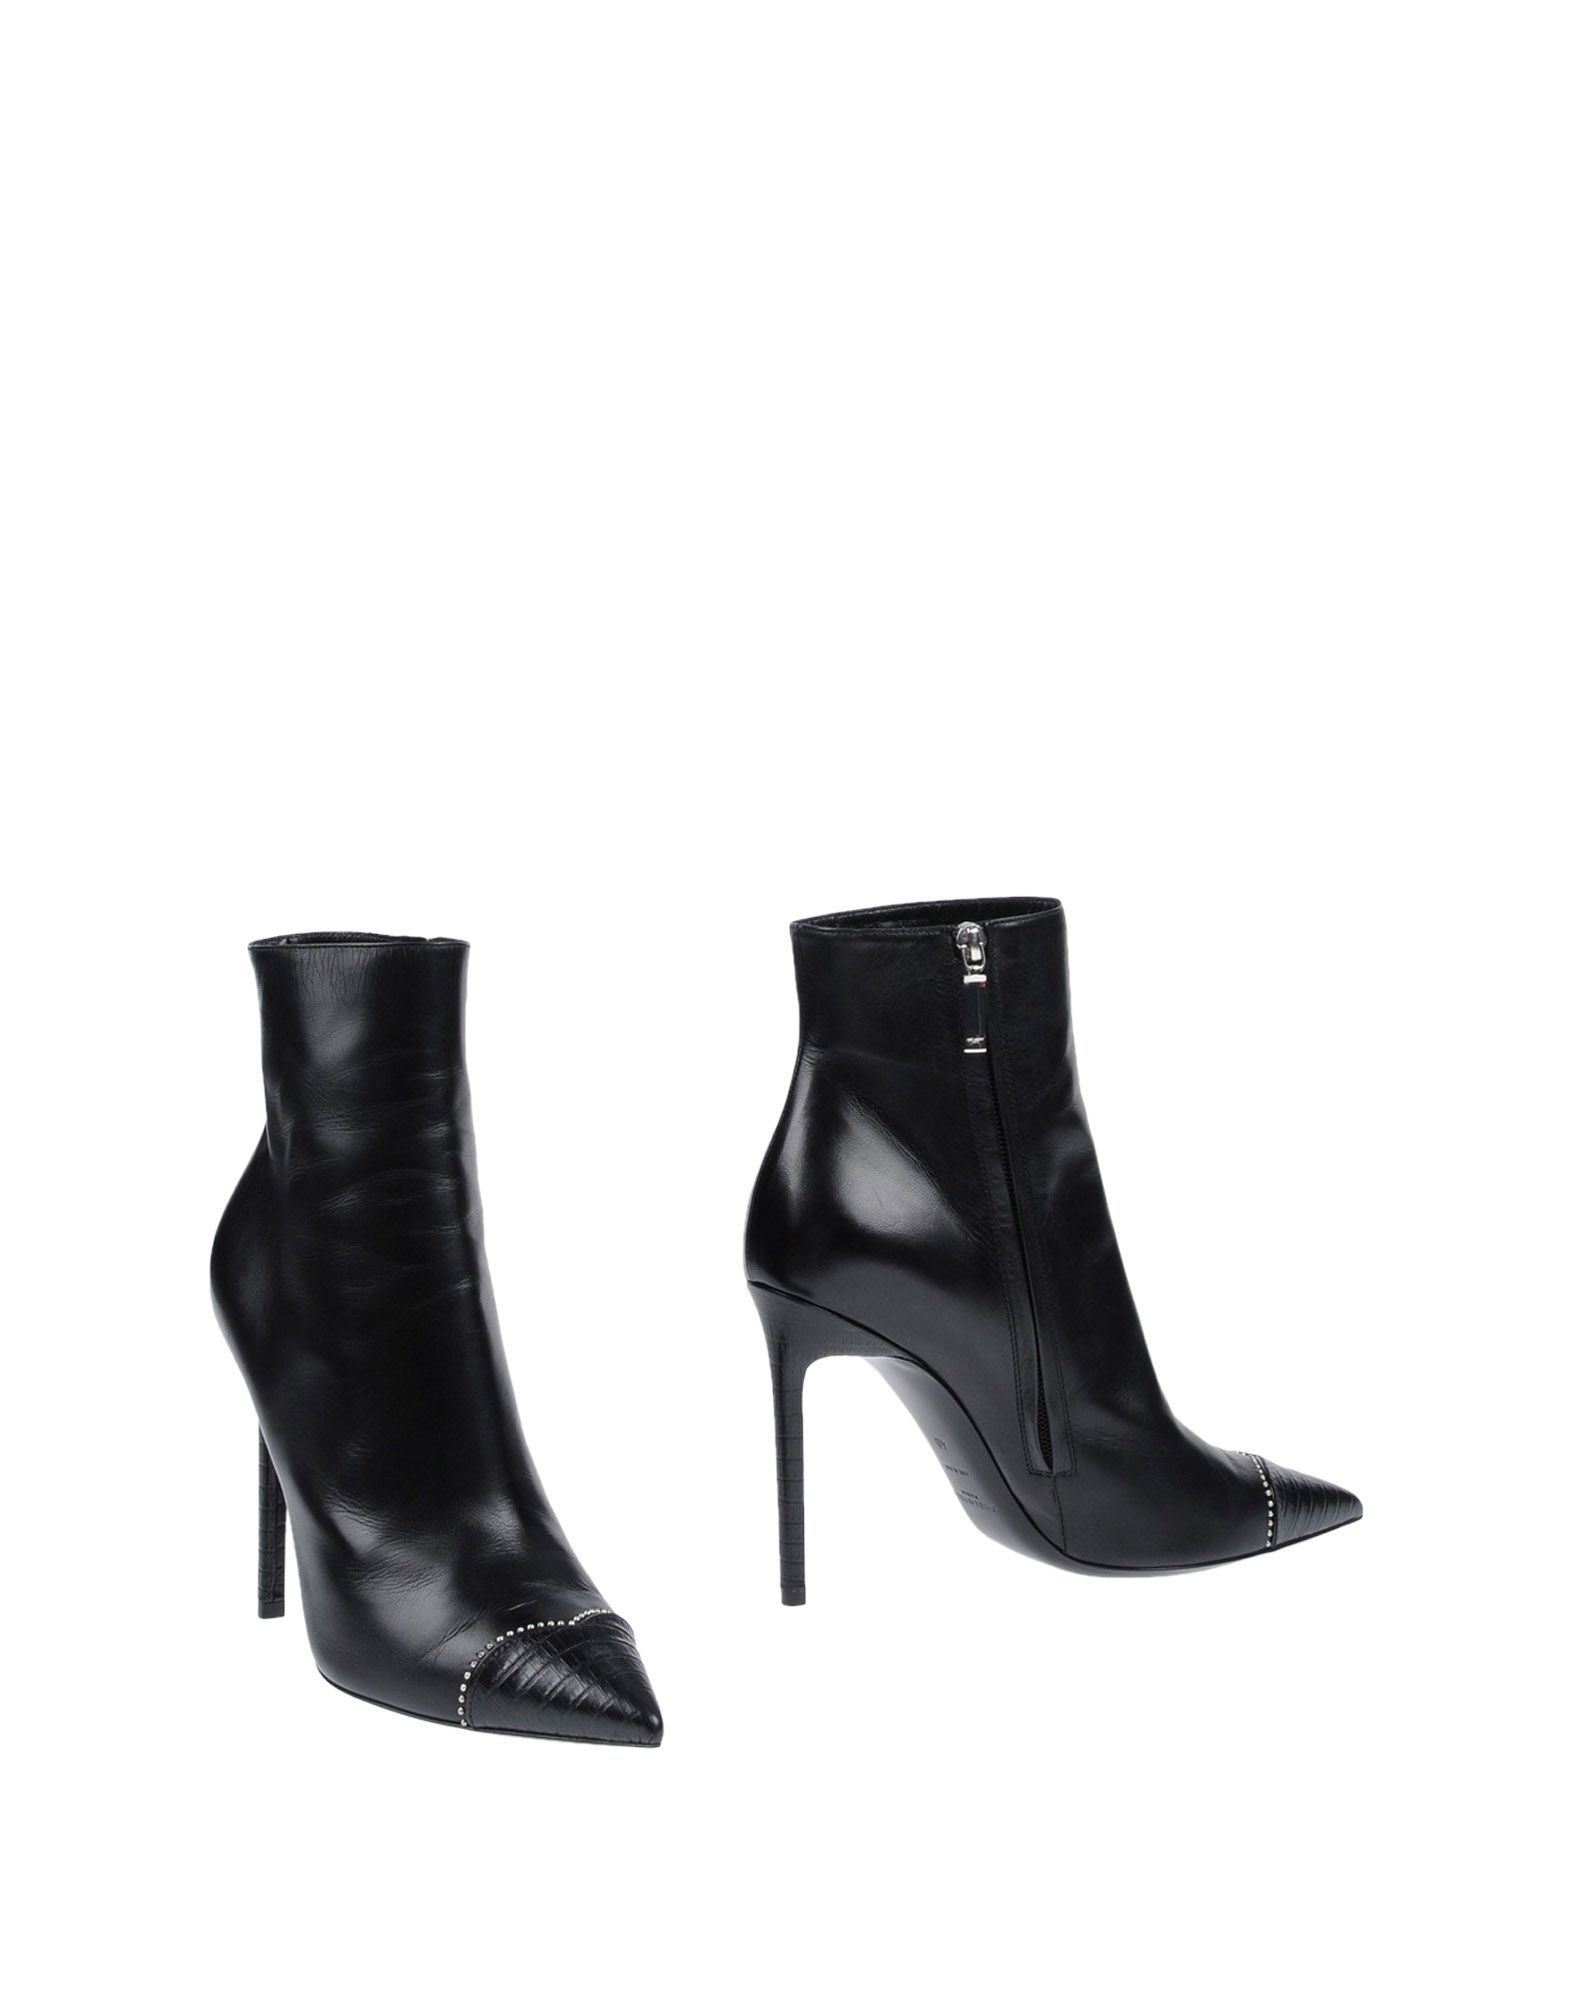 Saint Laurent Stiefelette Damen aussehende  11455646BFGünstige gut aussehende Damen Schuhe 3c56e8